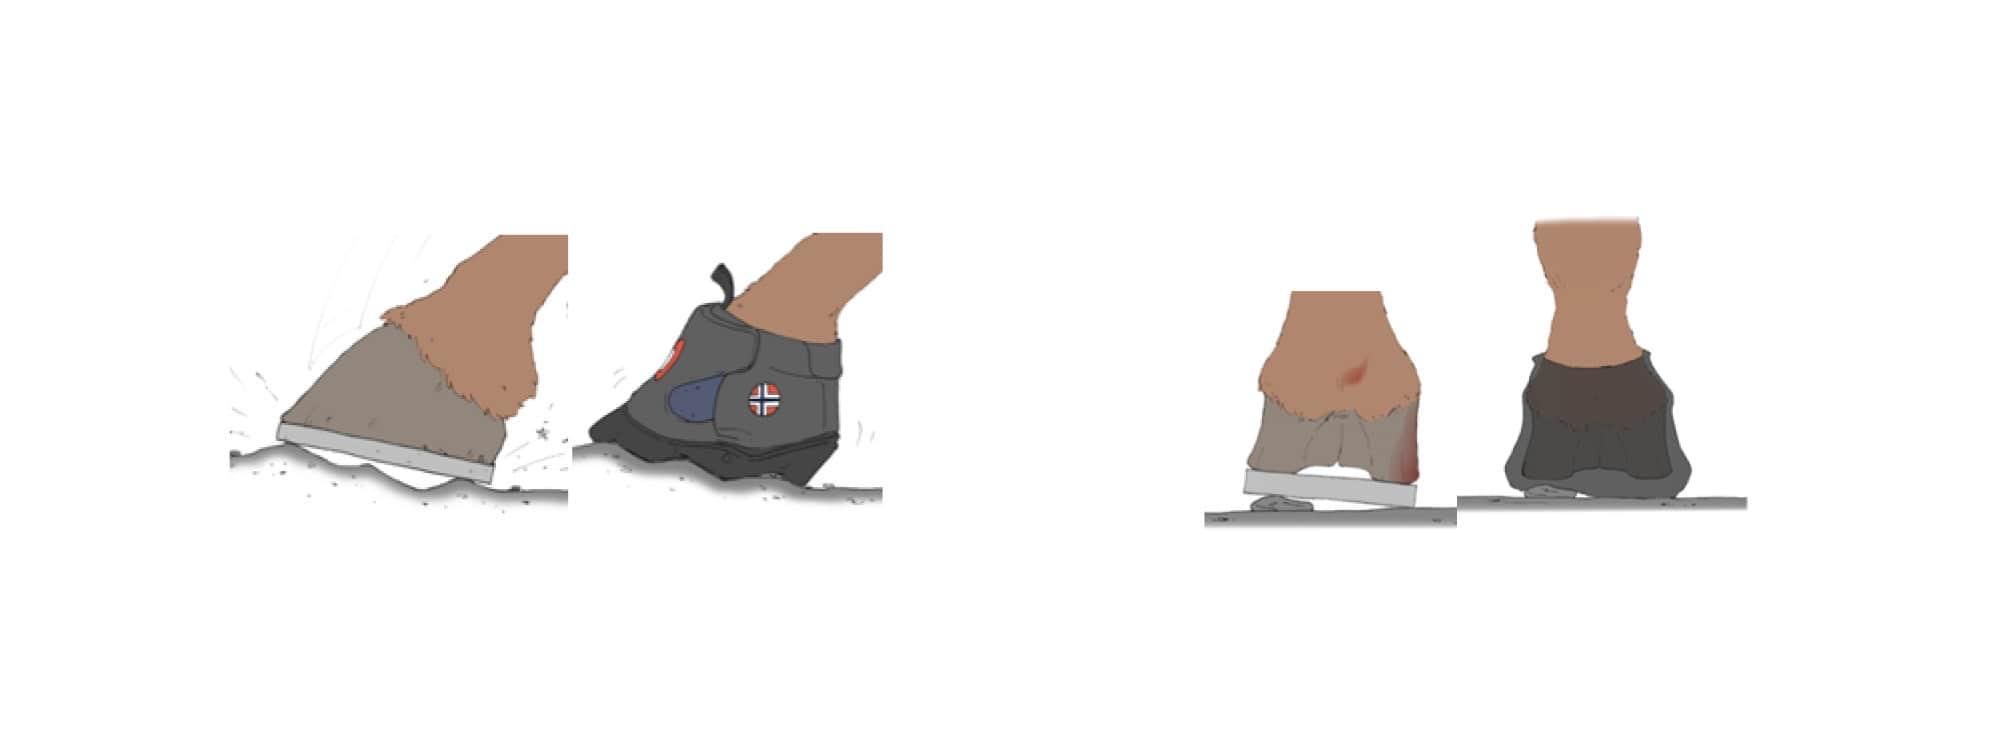 Equine Fusion Hufschuhe und Eisen im Vergleich